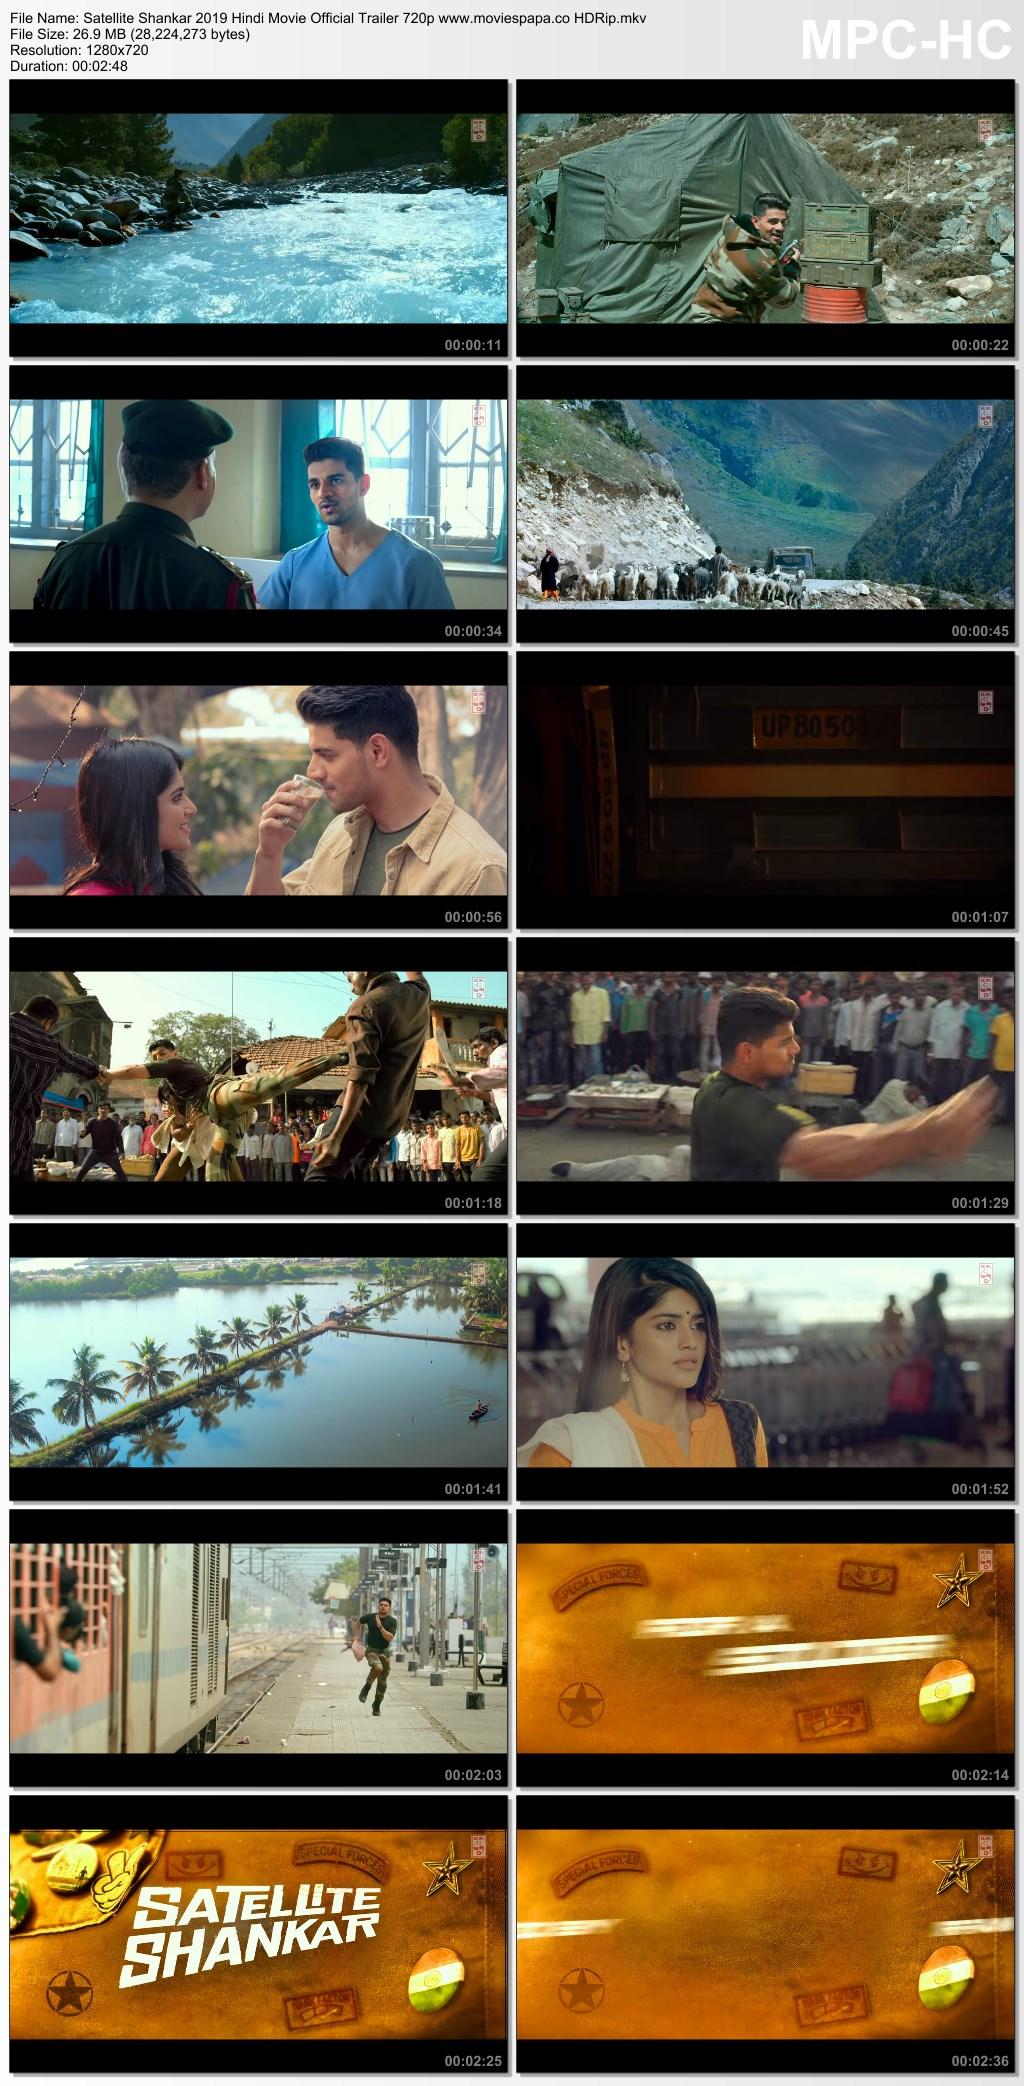 mkv movie 2019 Satellite Shankar 2019 Hindi Movie Official Trailer 720p